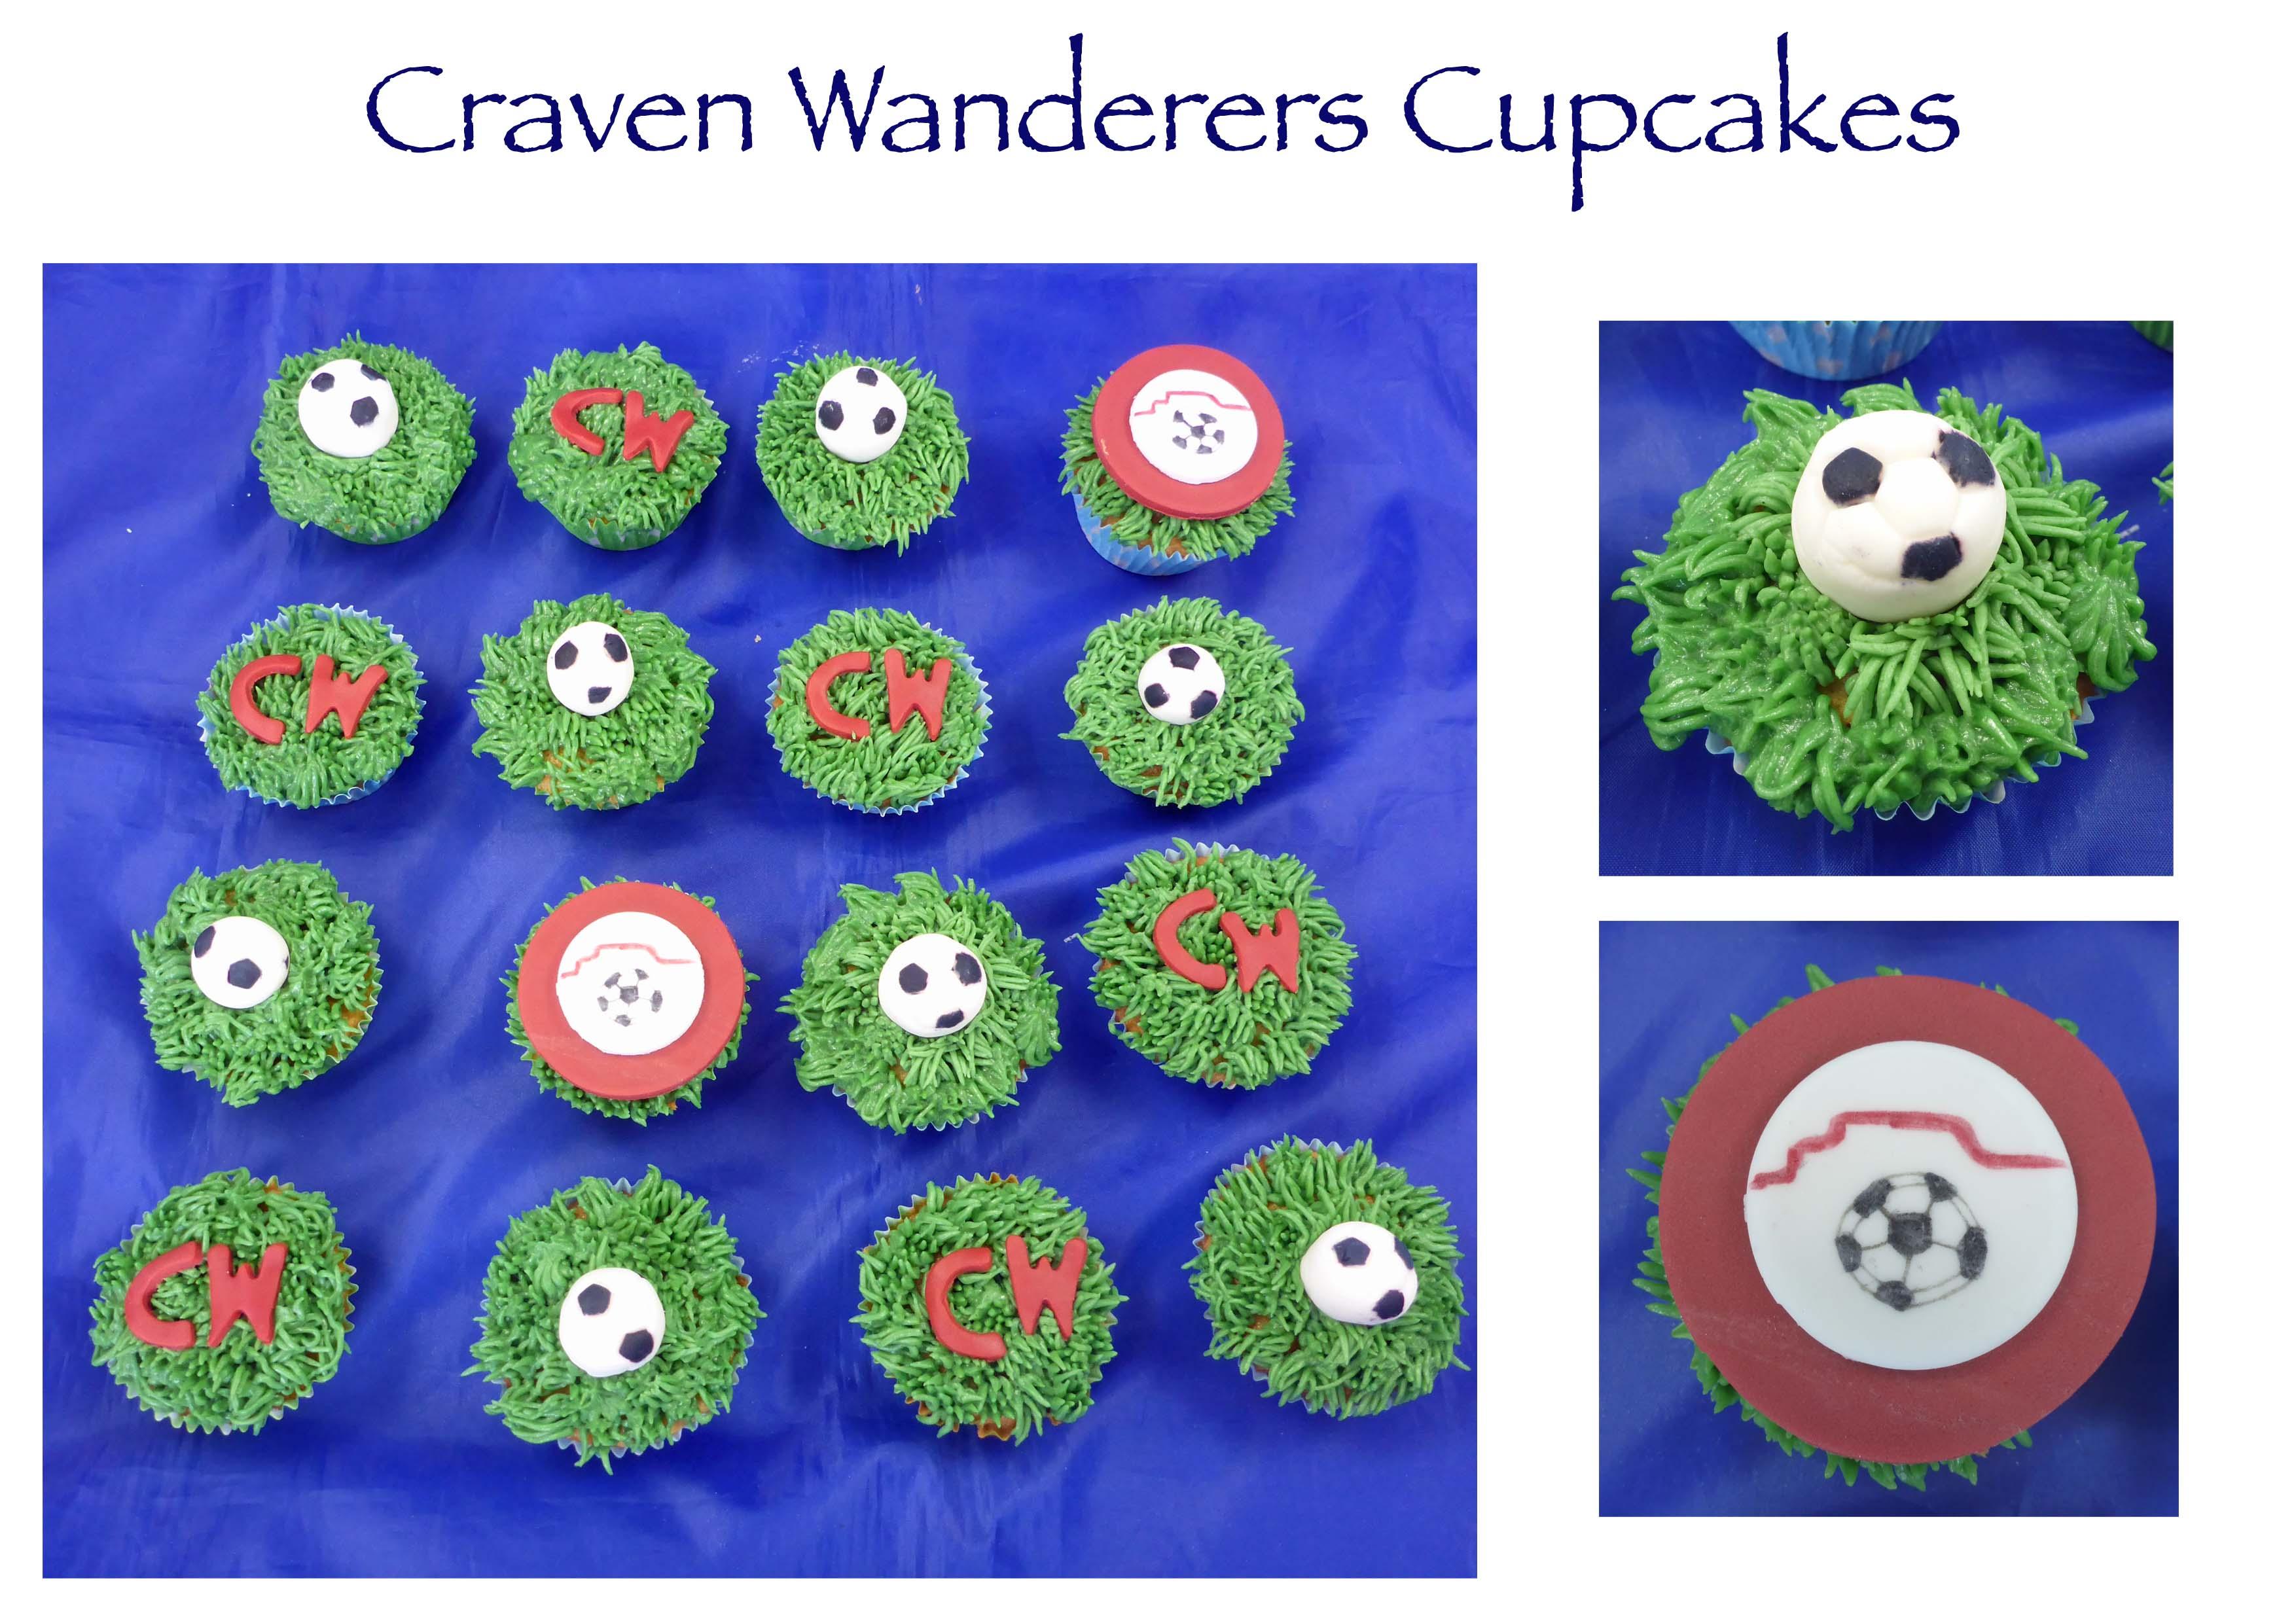 Craven Wanderers Cupcakes